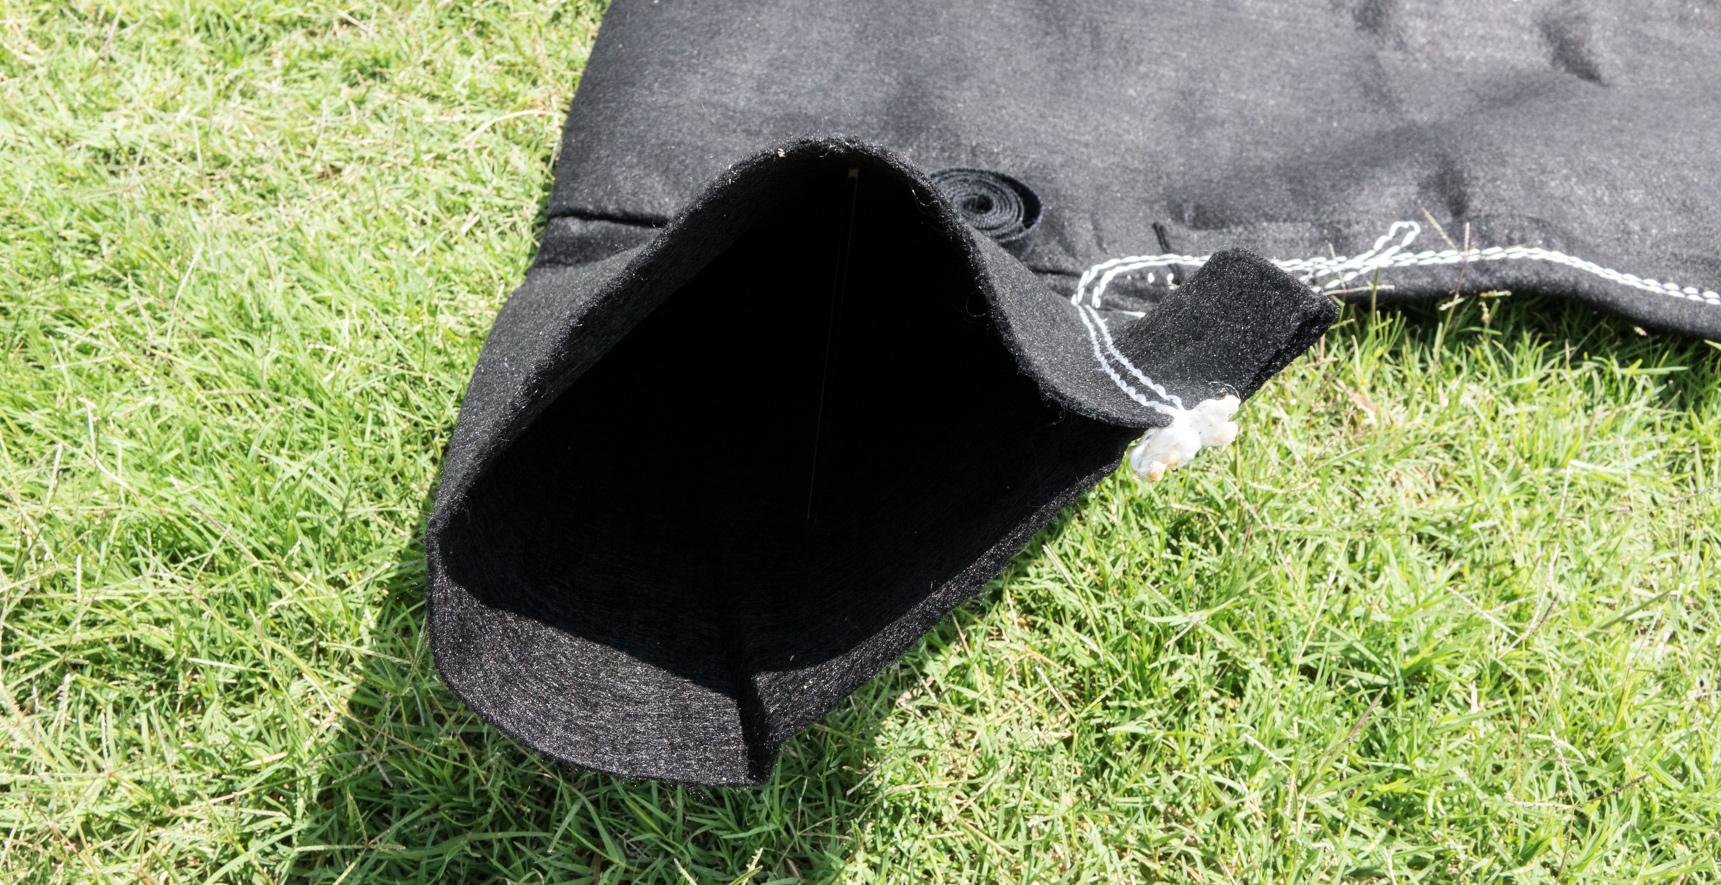 Dewatering Bag Filter Bag Silt Bag Dirt Bag Spout Throat